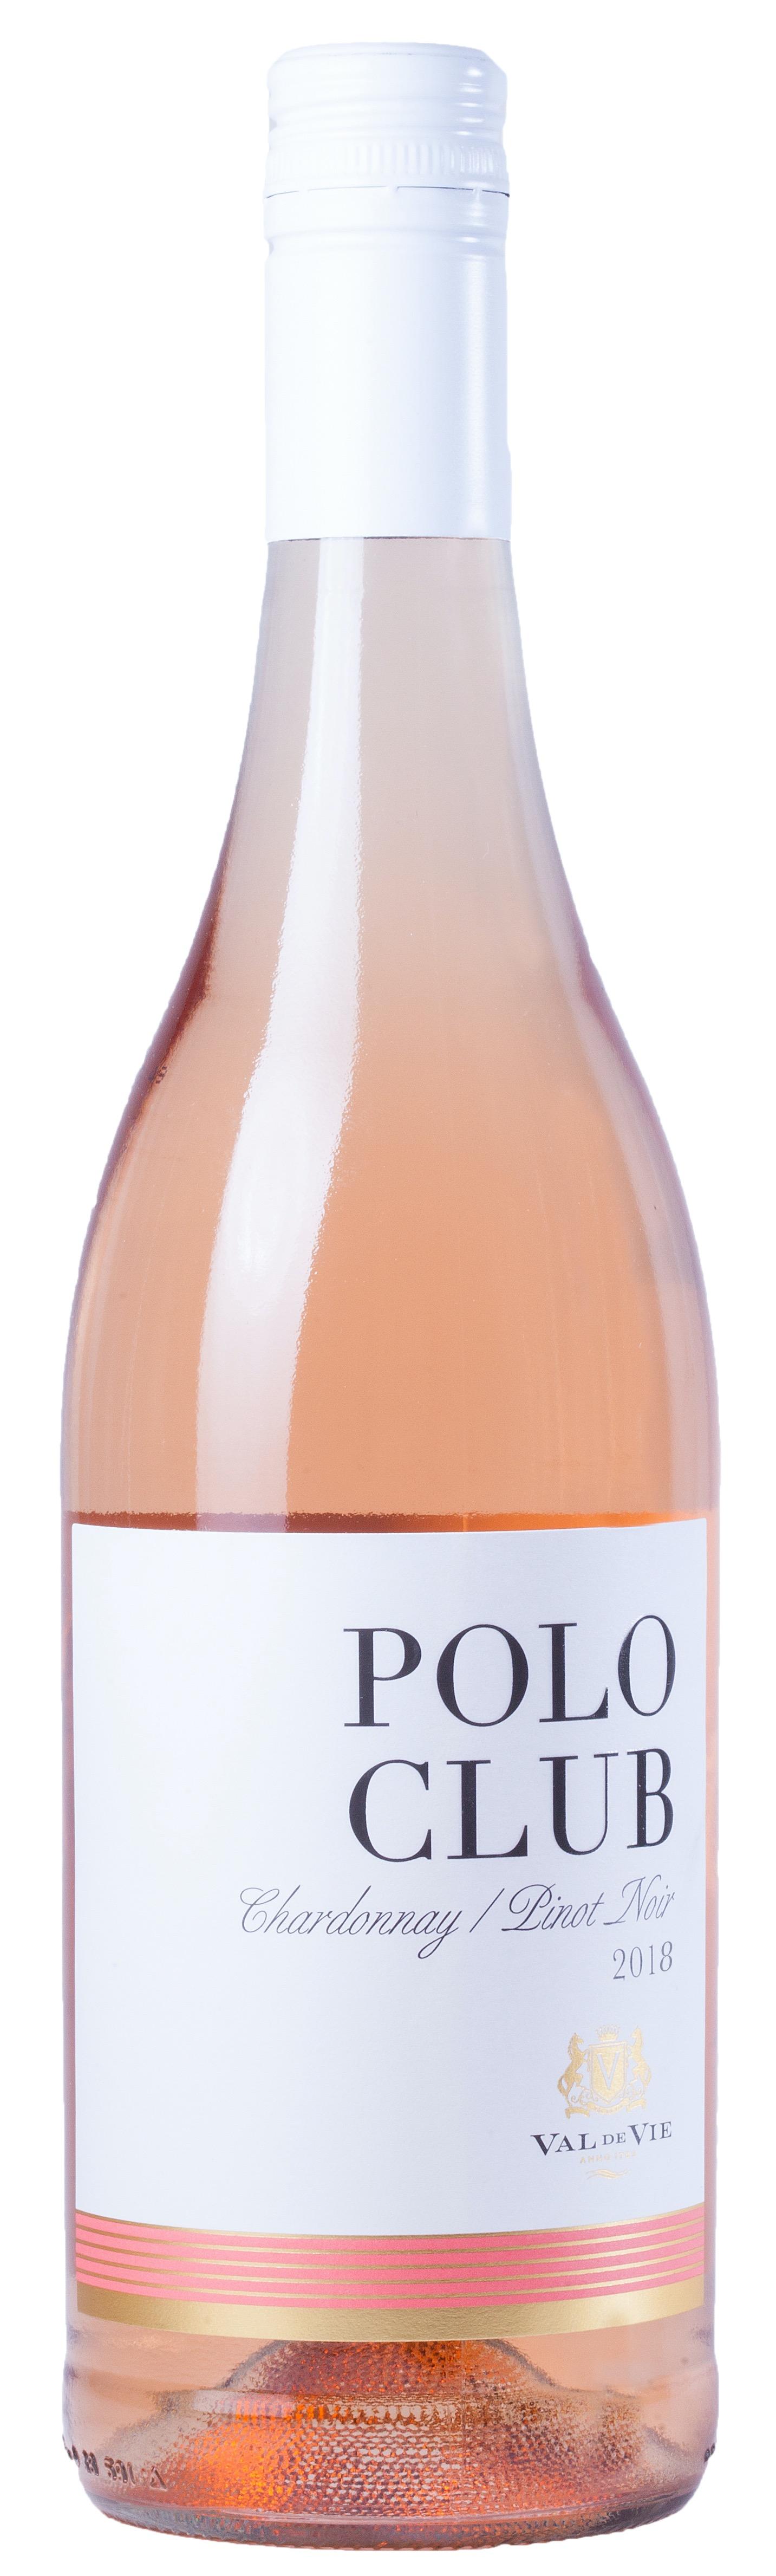 Polo Rosé Chardonnay- Pinot Noir 2021